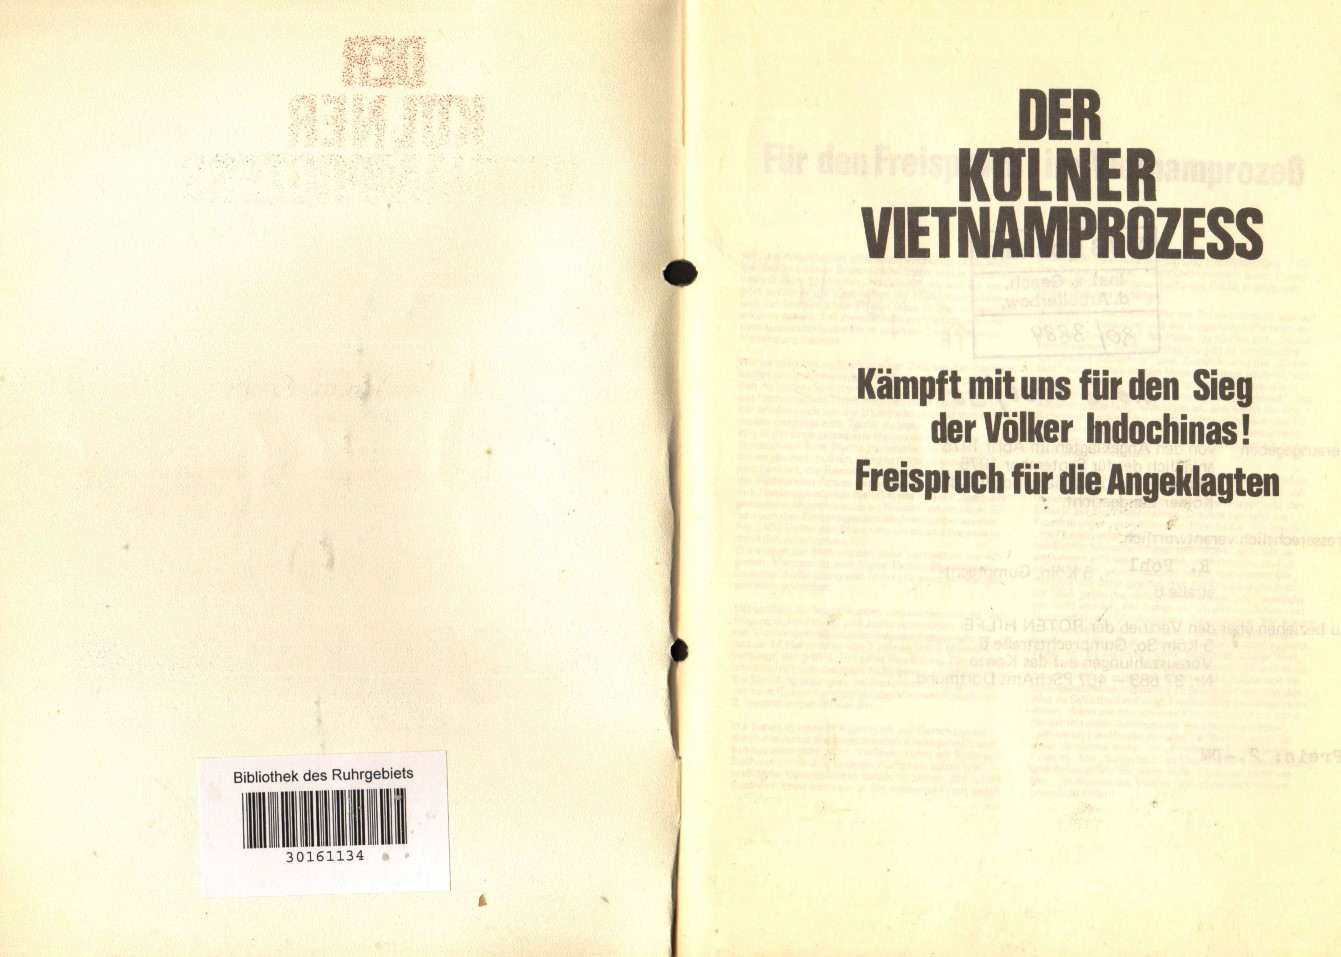 Koeln_RHeV_1975_Der_Koelner_Vietnamprozess_02